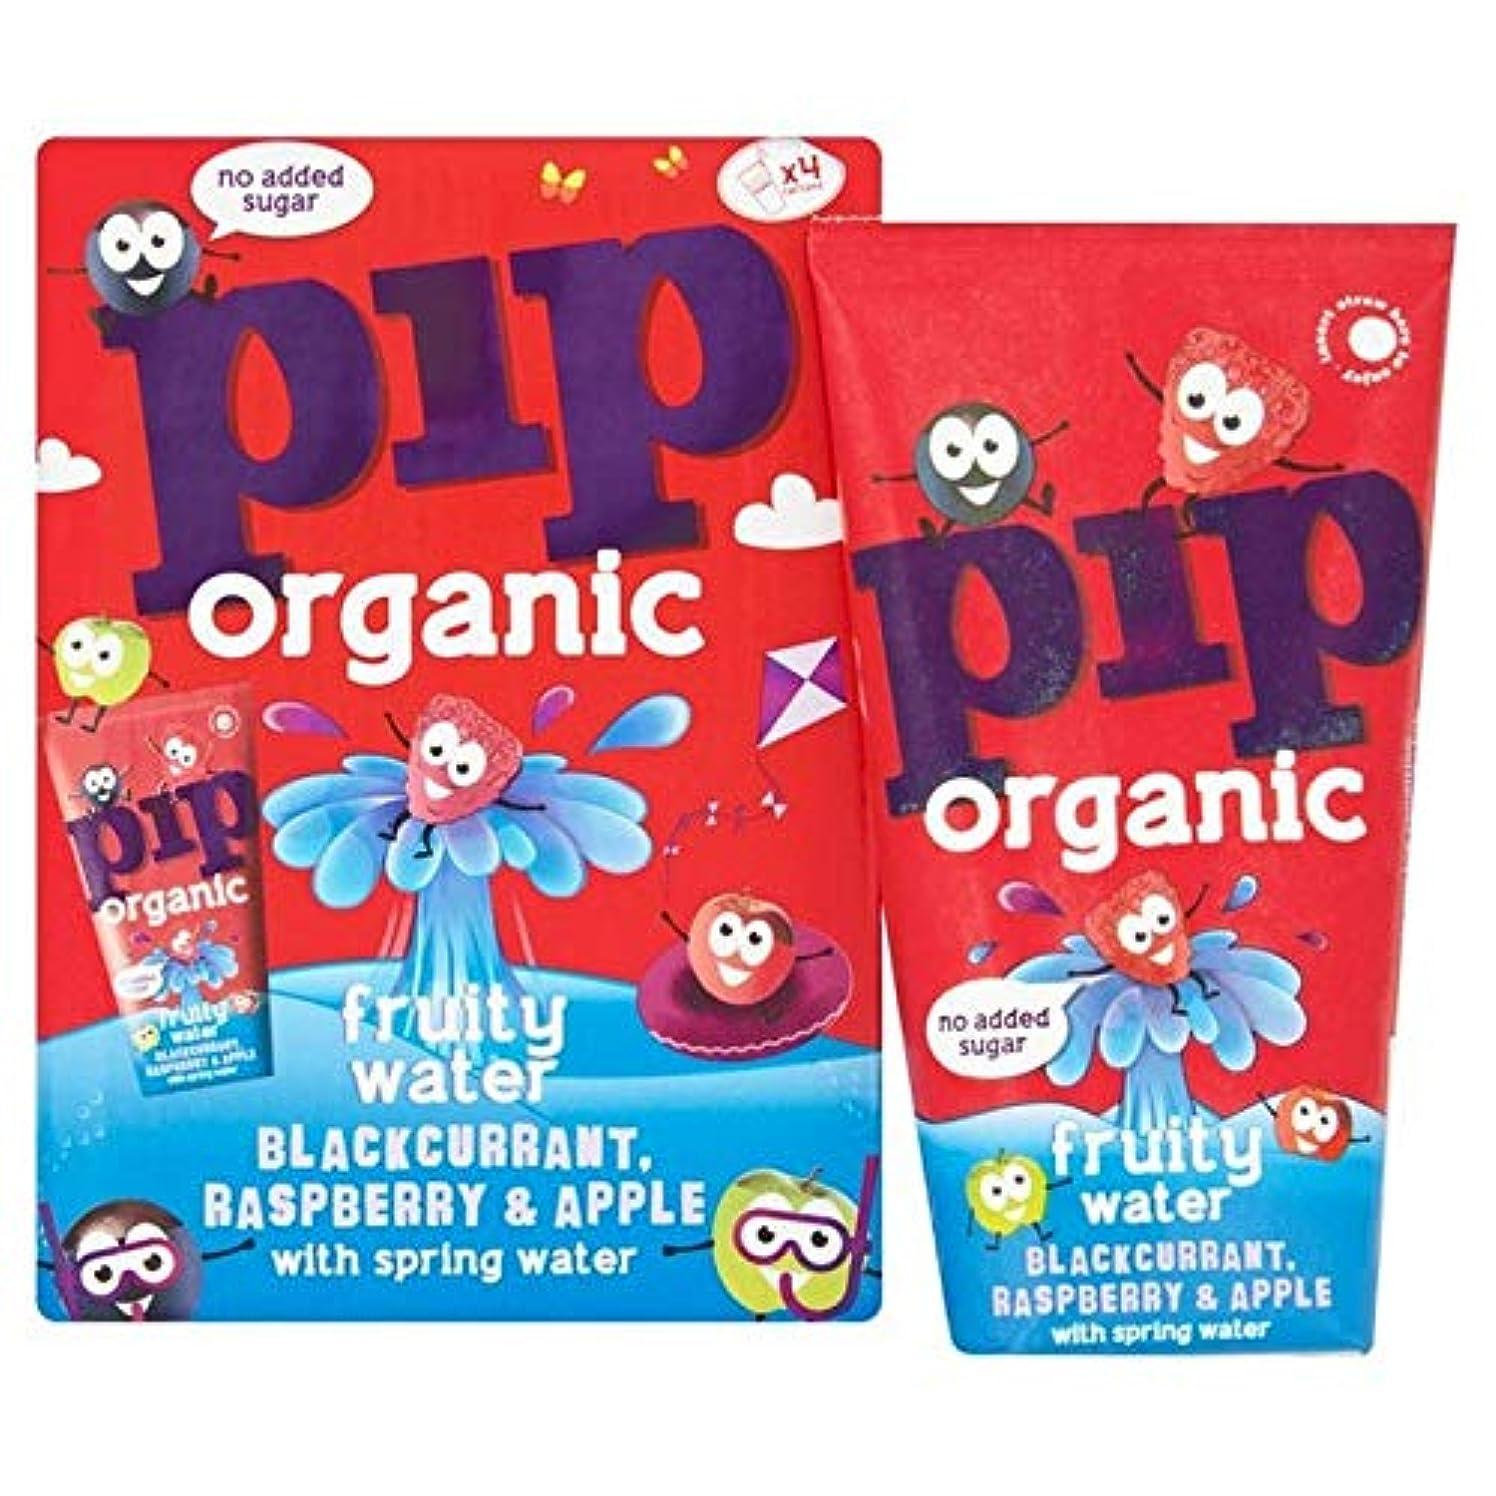 ナンセンスうぬぼれた栄光の[Pip Organic ] 有機ブラックカラント、ラズベリー&りんごのフルーティーな水4×200ミリリットルピップ - Pip Organic Blackcurrant, Raspberry & Apple Fruity...